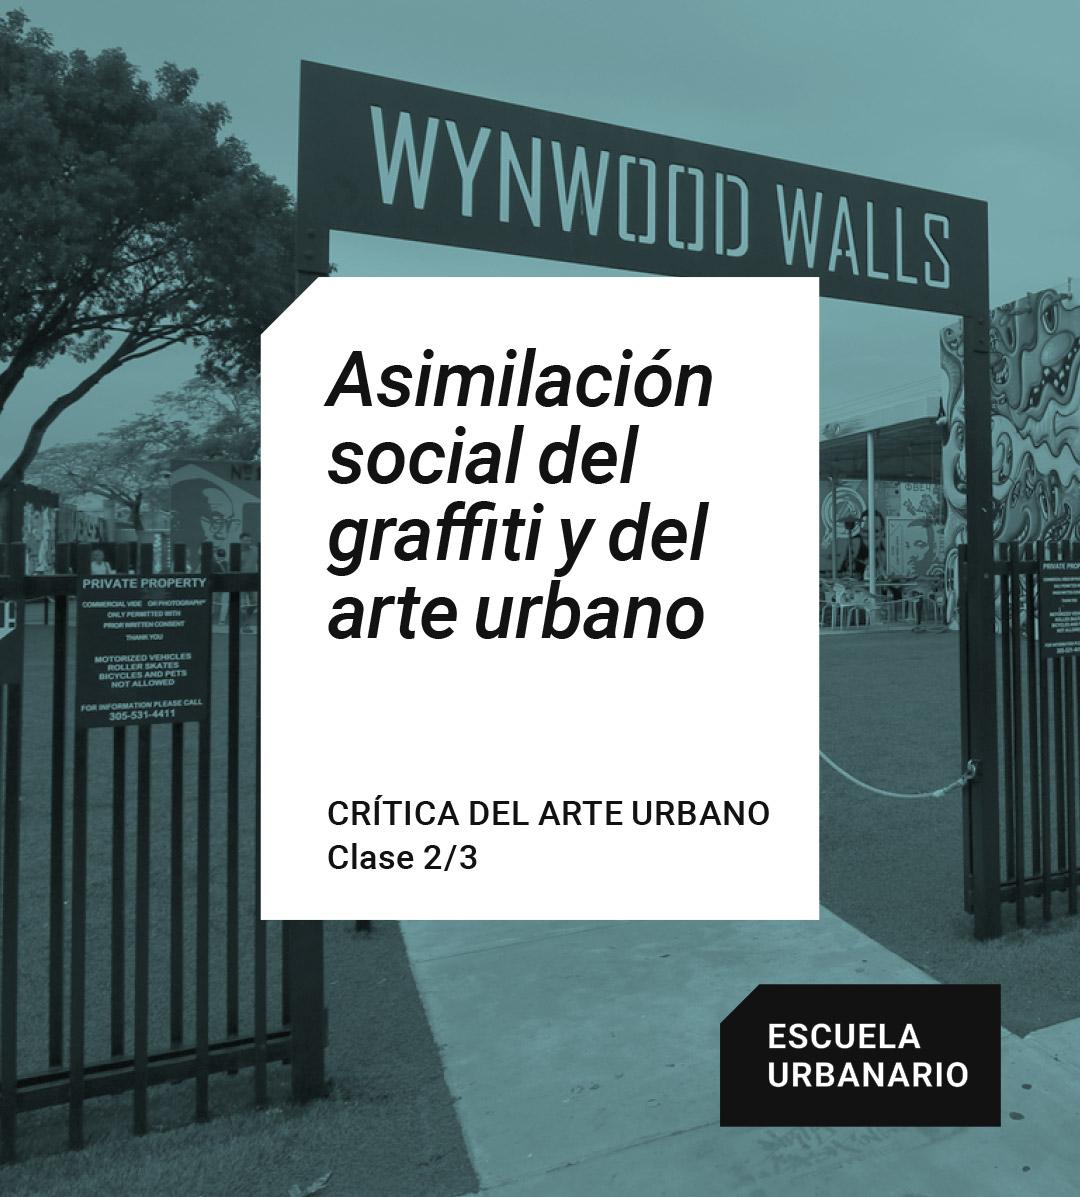 Asimilación social del graffiti y del arte urbano - Escuela Urbanario